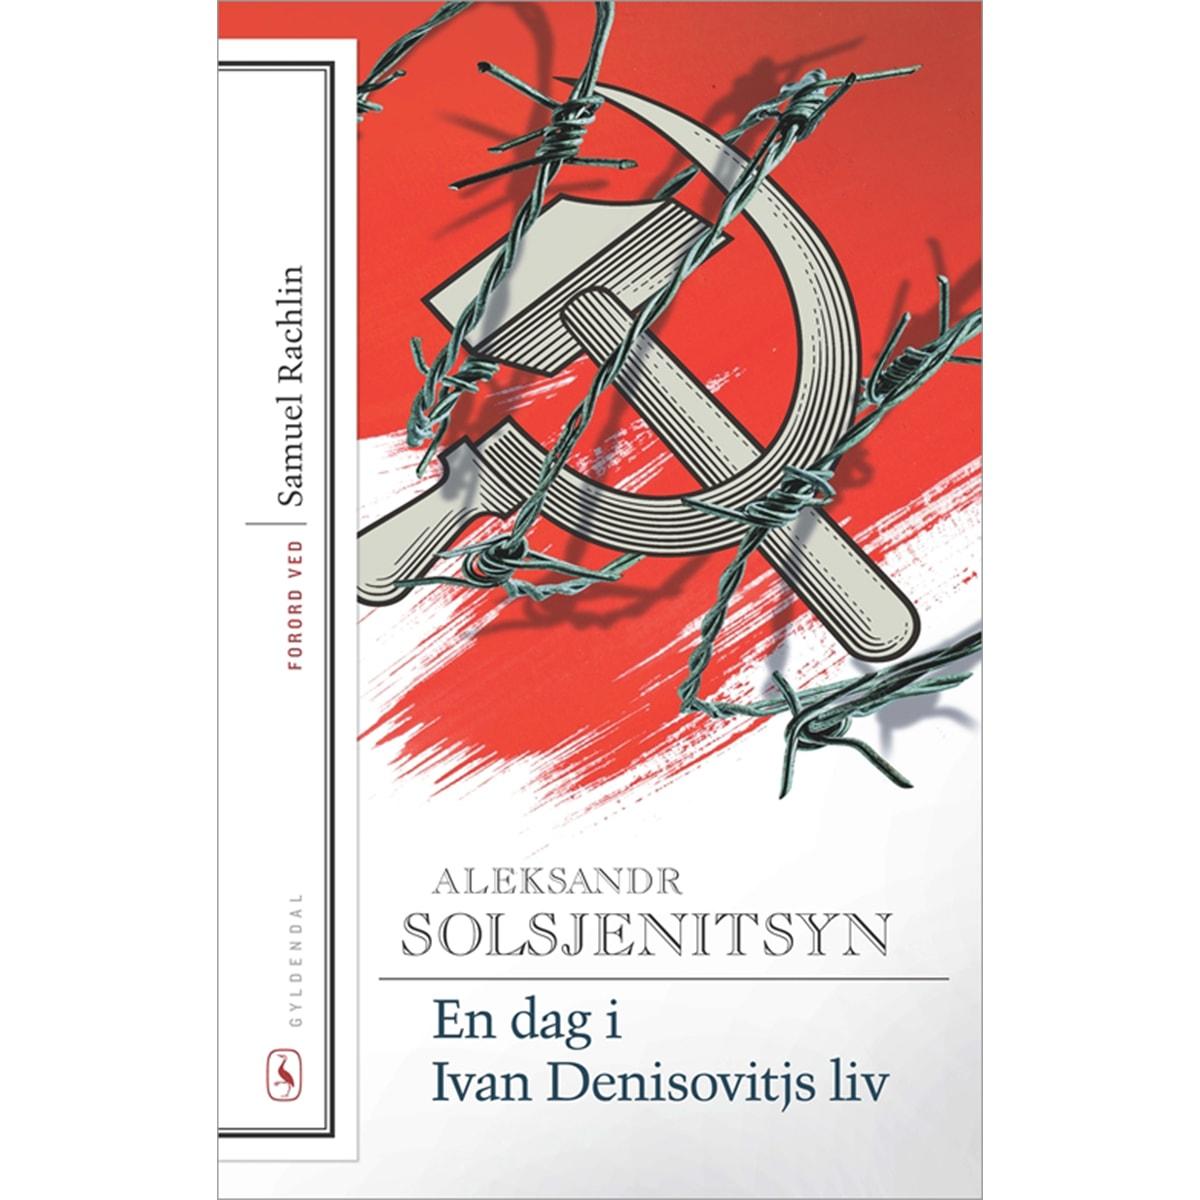 Af Aleksandr Solsjenitsyn